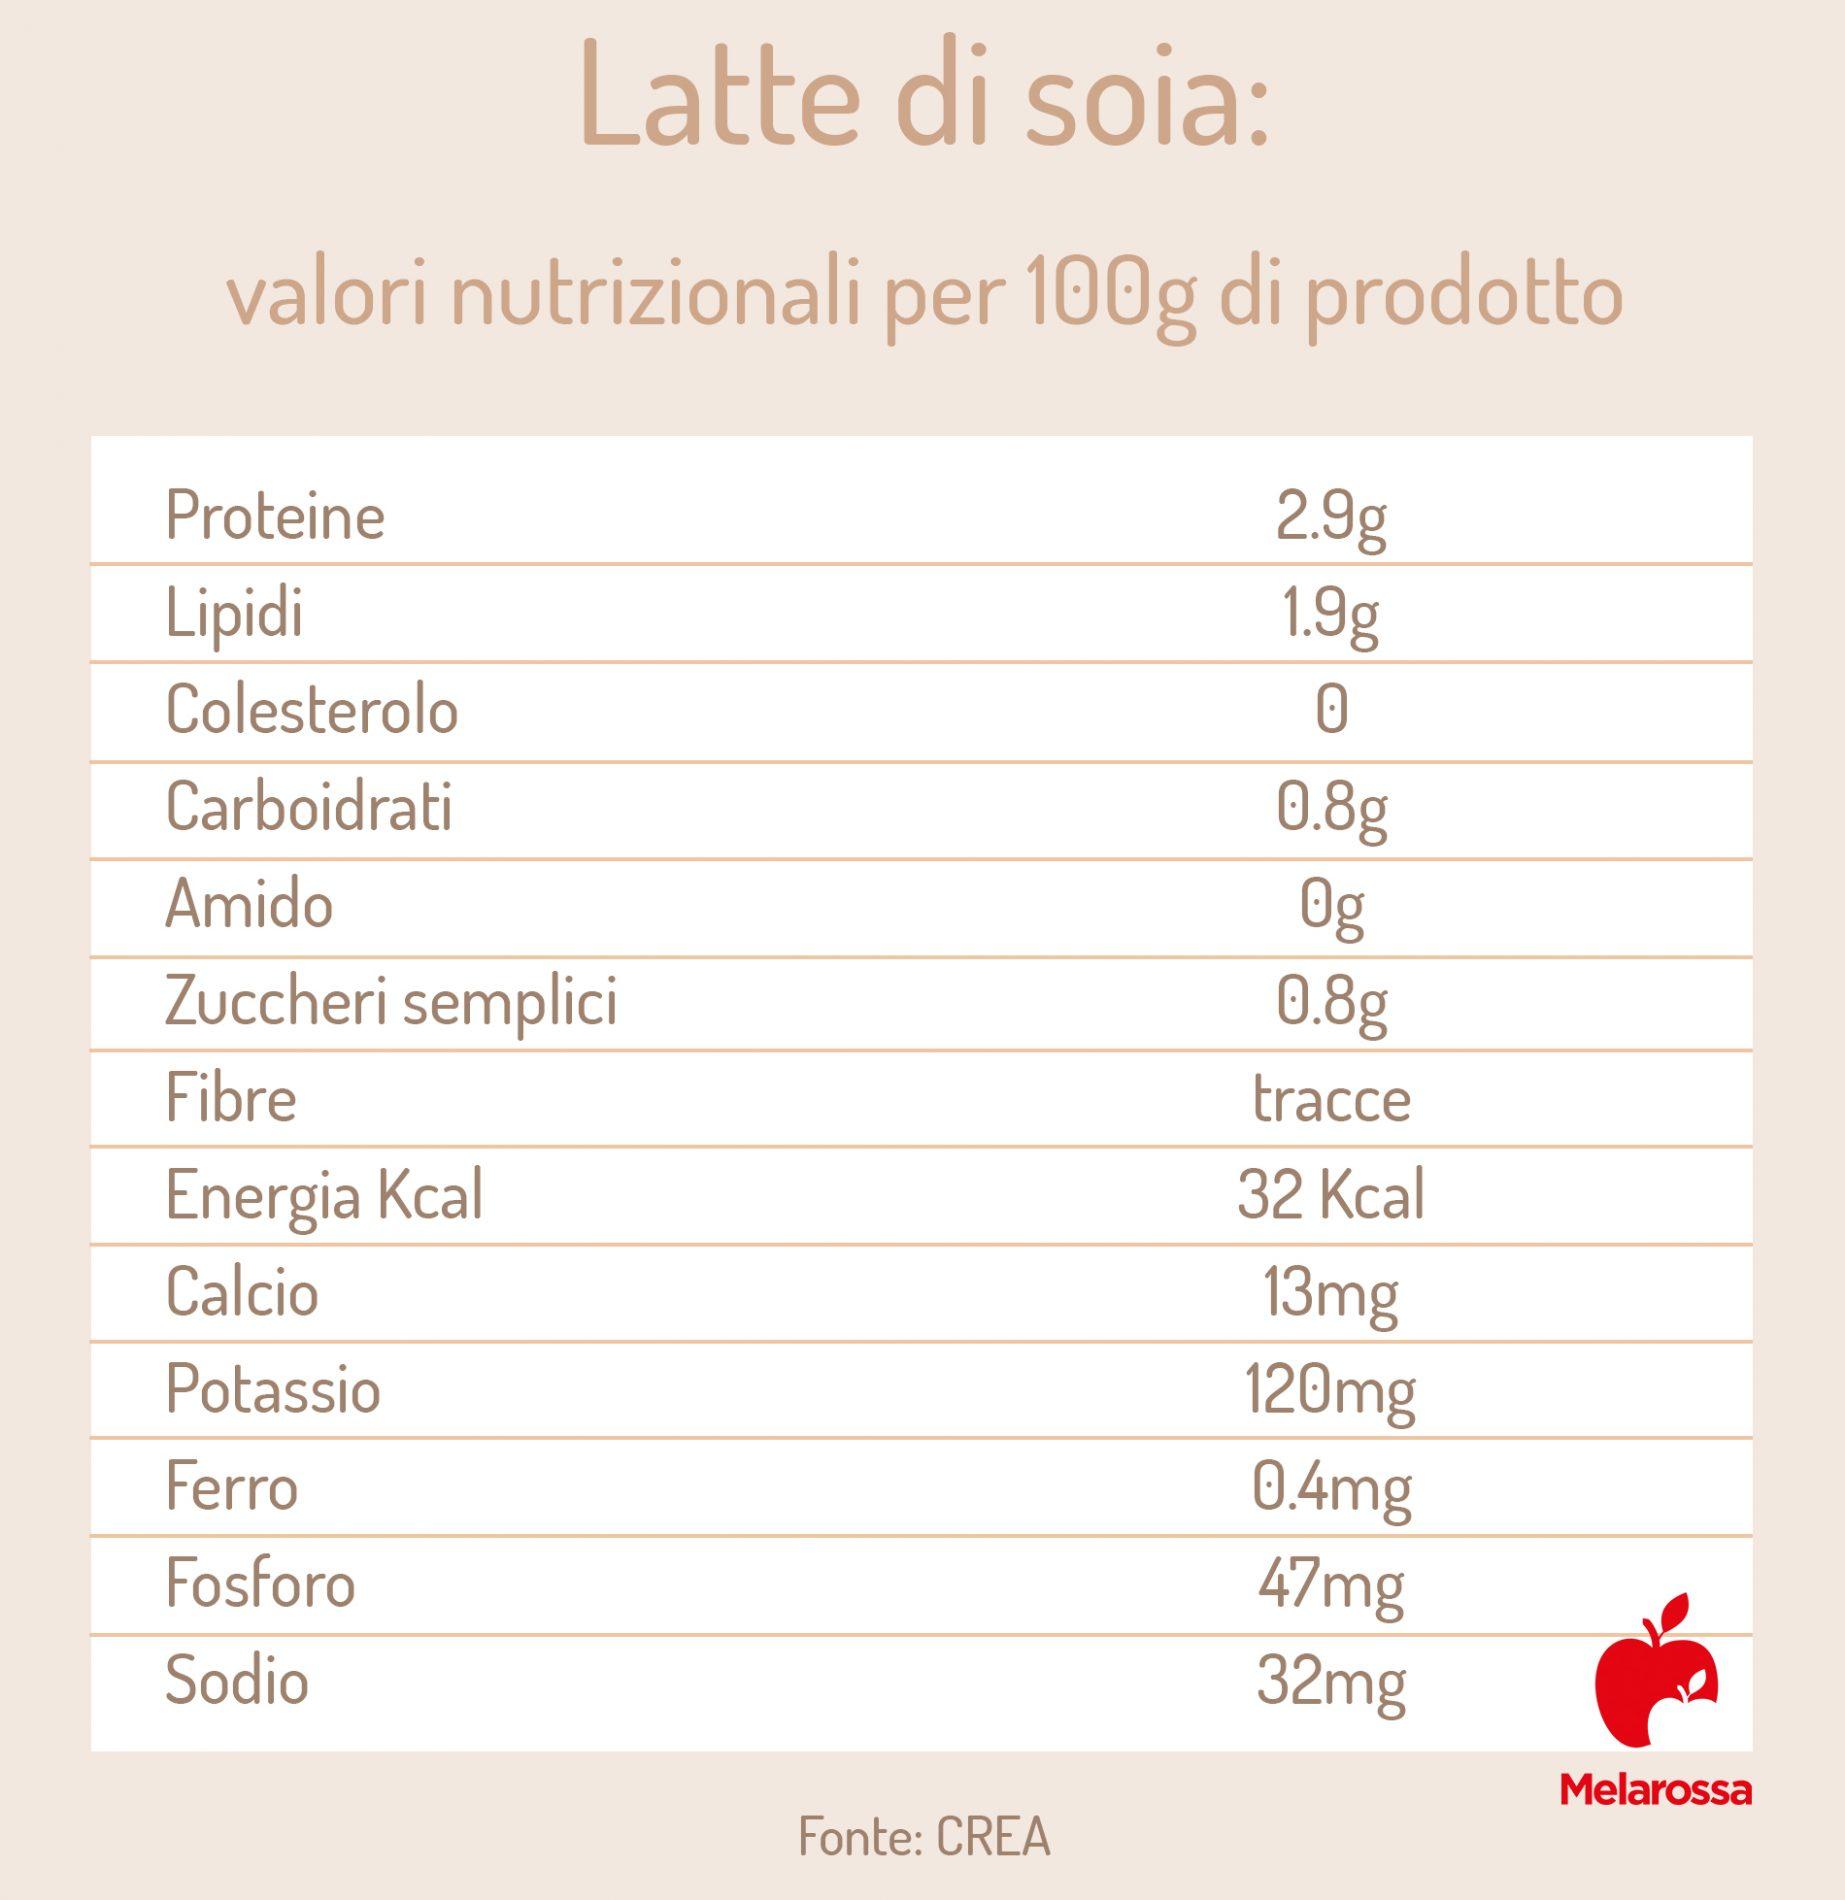 valori nutrizionali del latte di soia